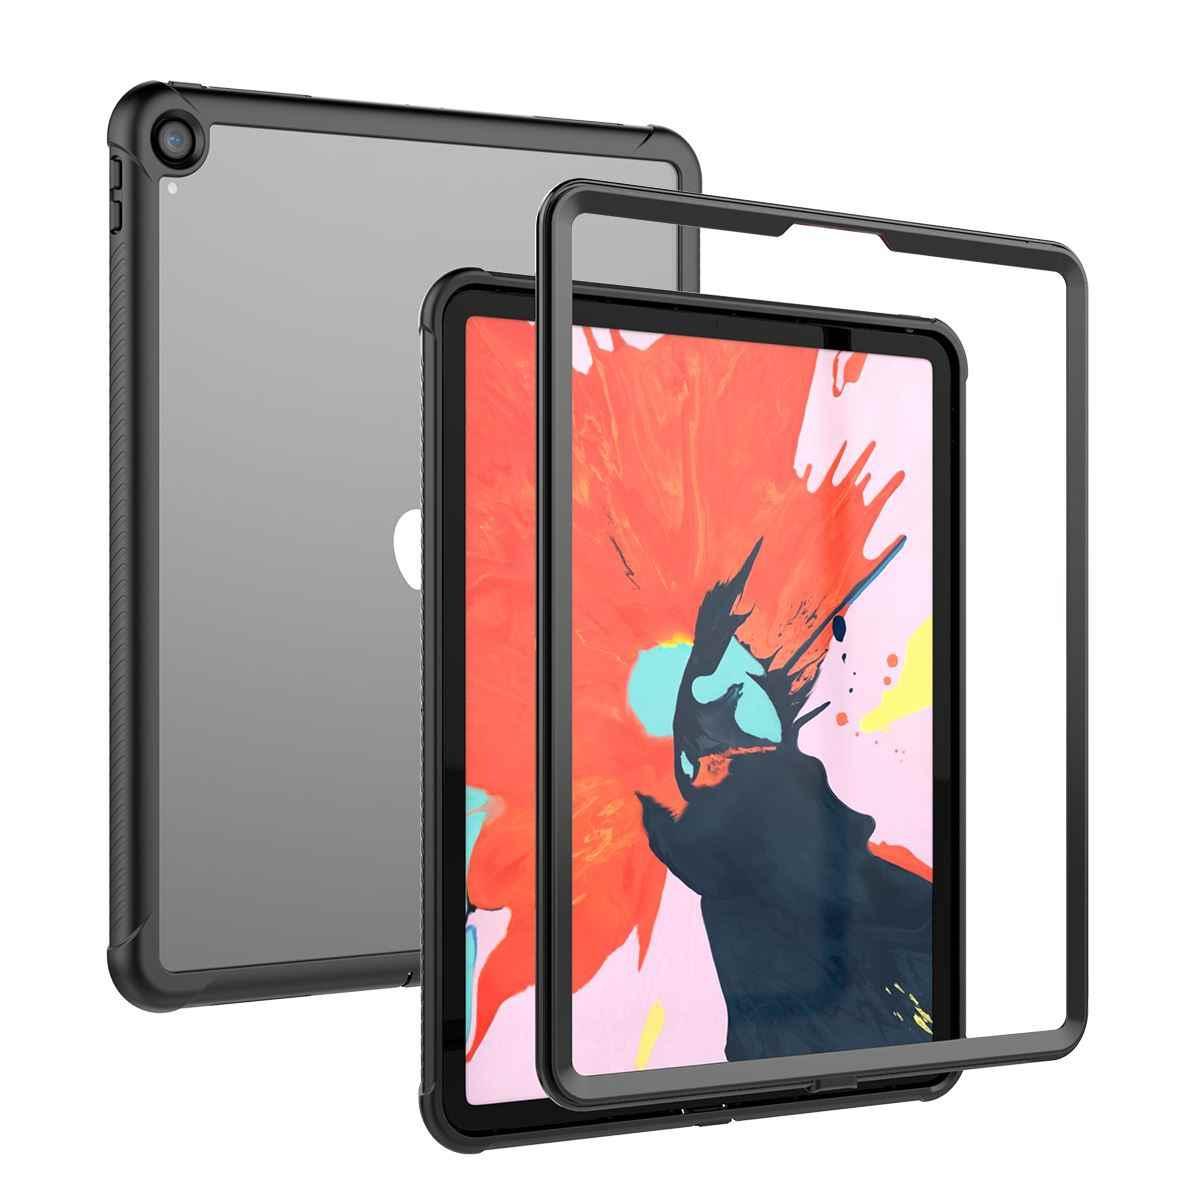 Cho iPad Pro 12.9 2018 Trường Hợp Cuộc Sống Không Thấm Nước 360 Độ Bảo Vệ Chống Bụi Chống Sốc Tablet Bìa Đối Với iPad Pro 12.9 inch 2018